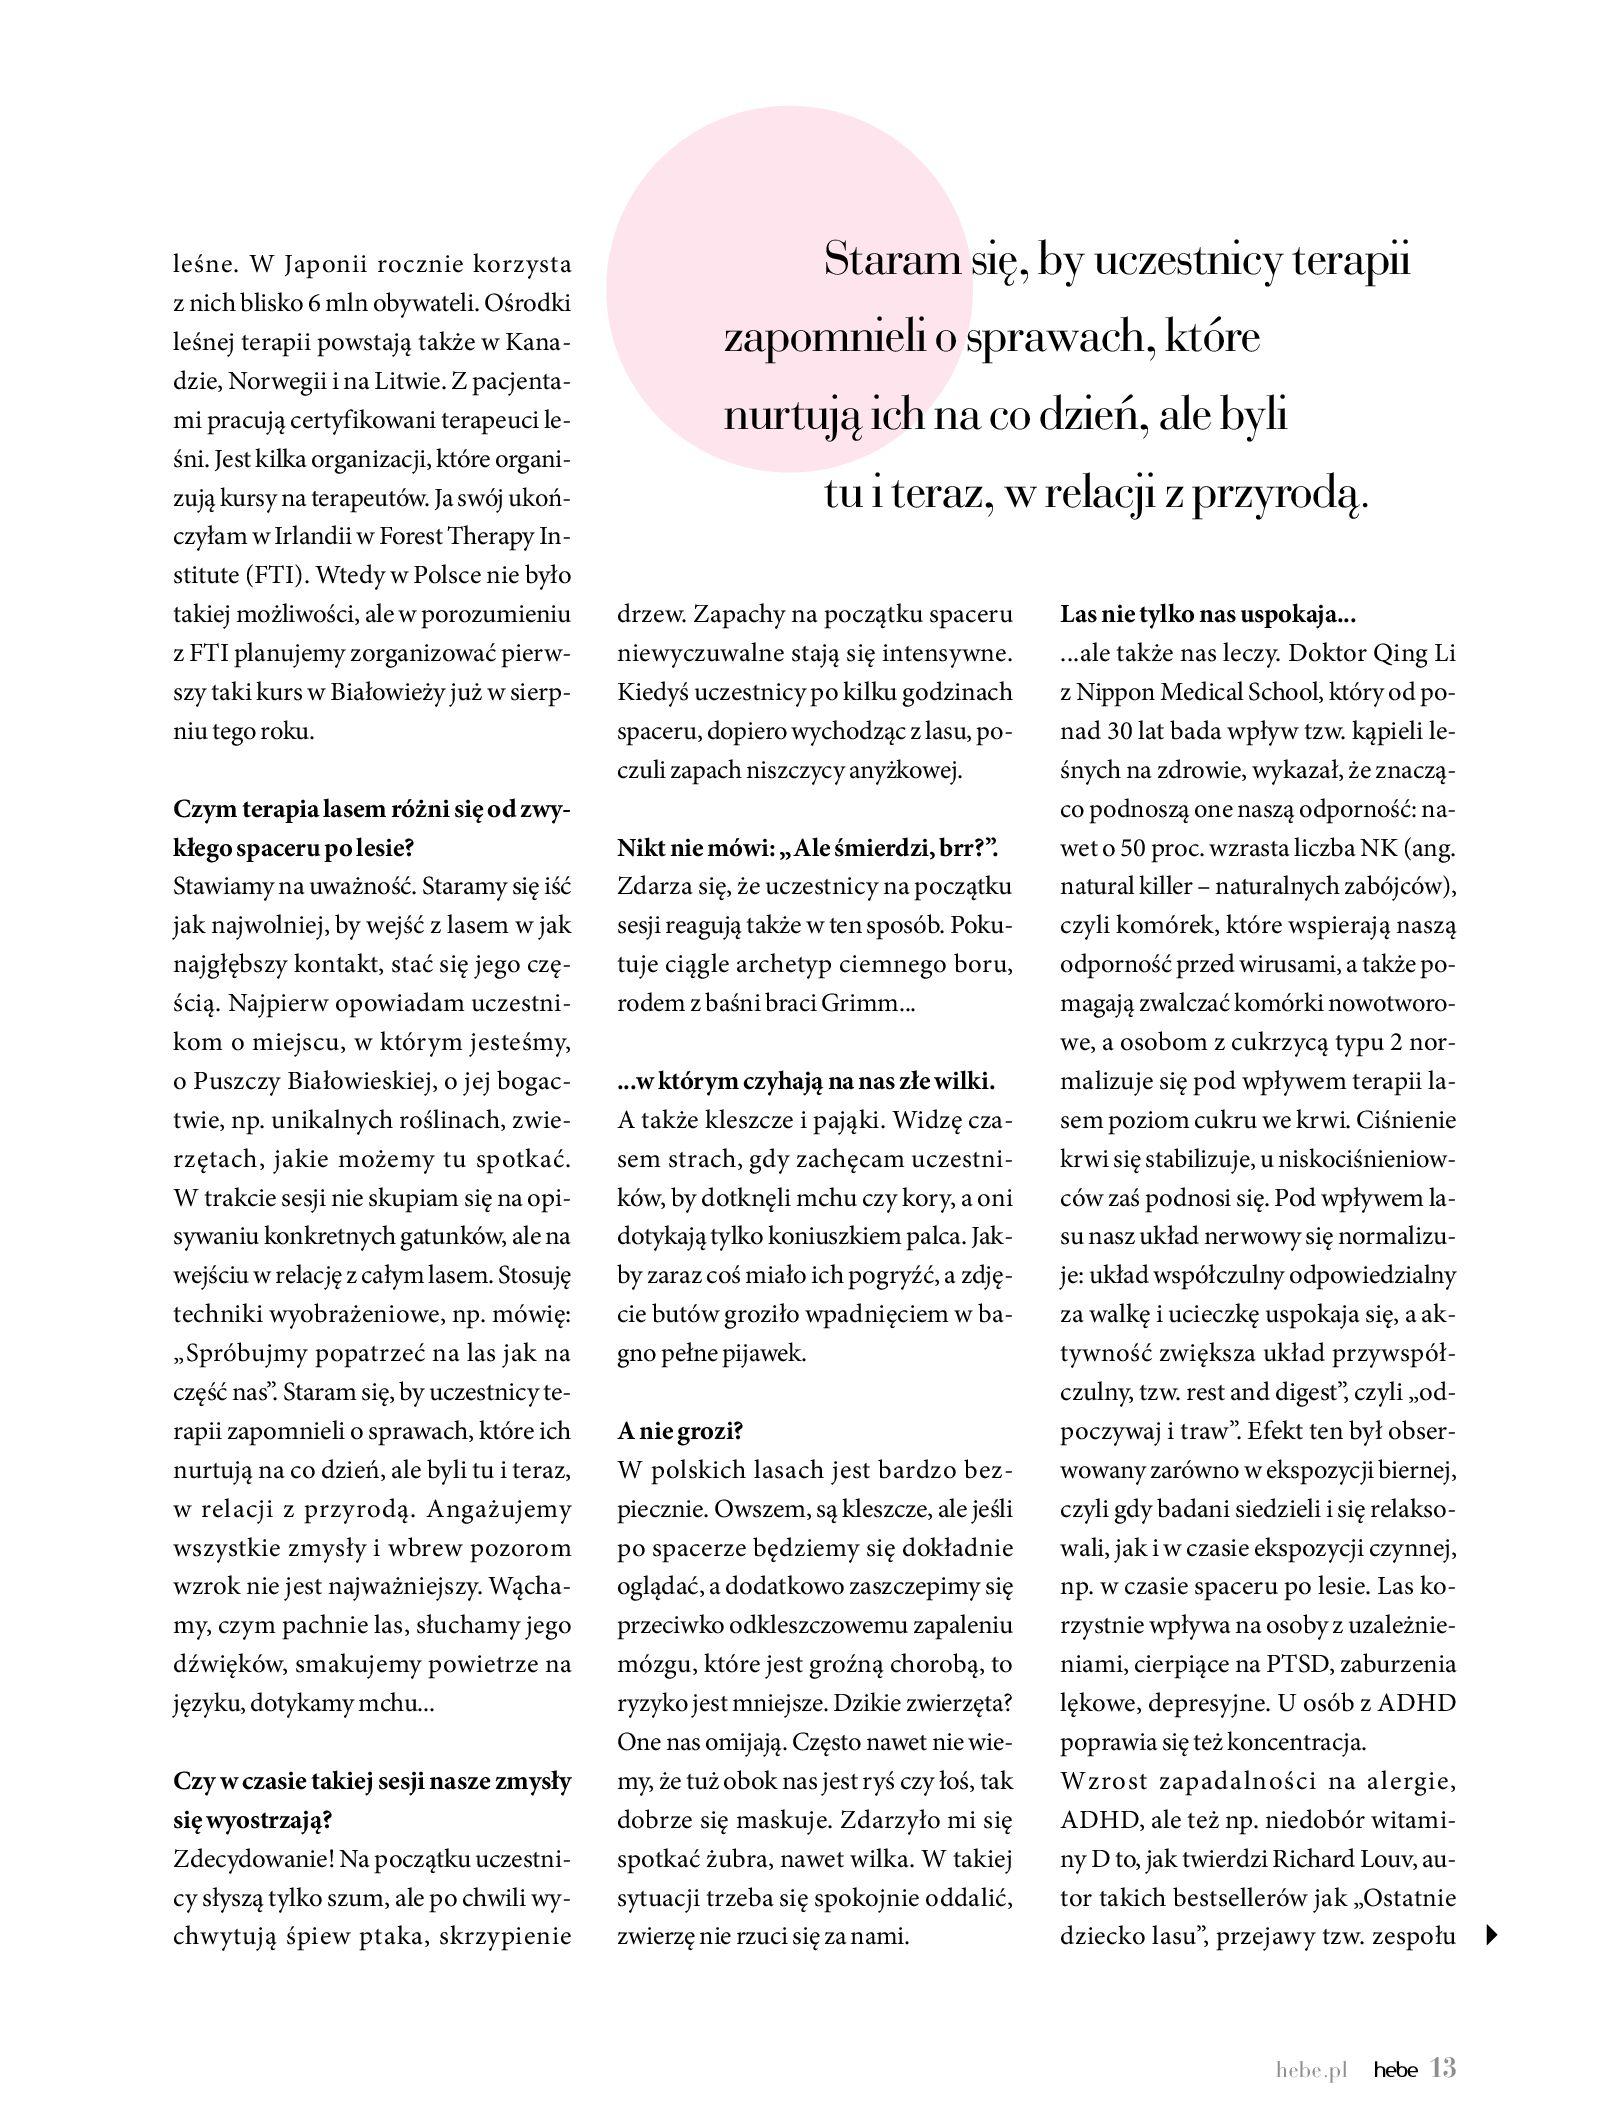 Gazetka hebe - Magazyn Hebe-30.06.2020-31.08.2020-page-13